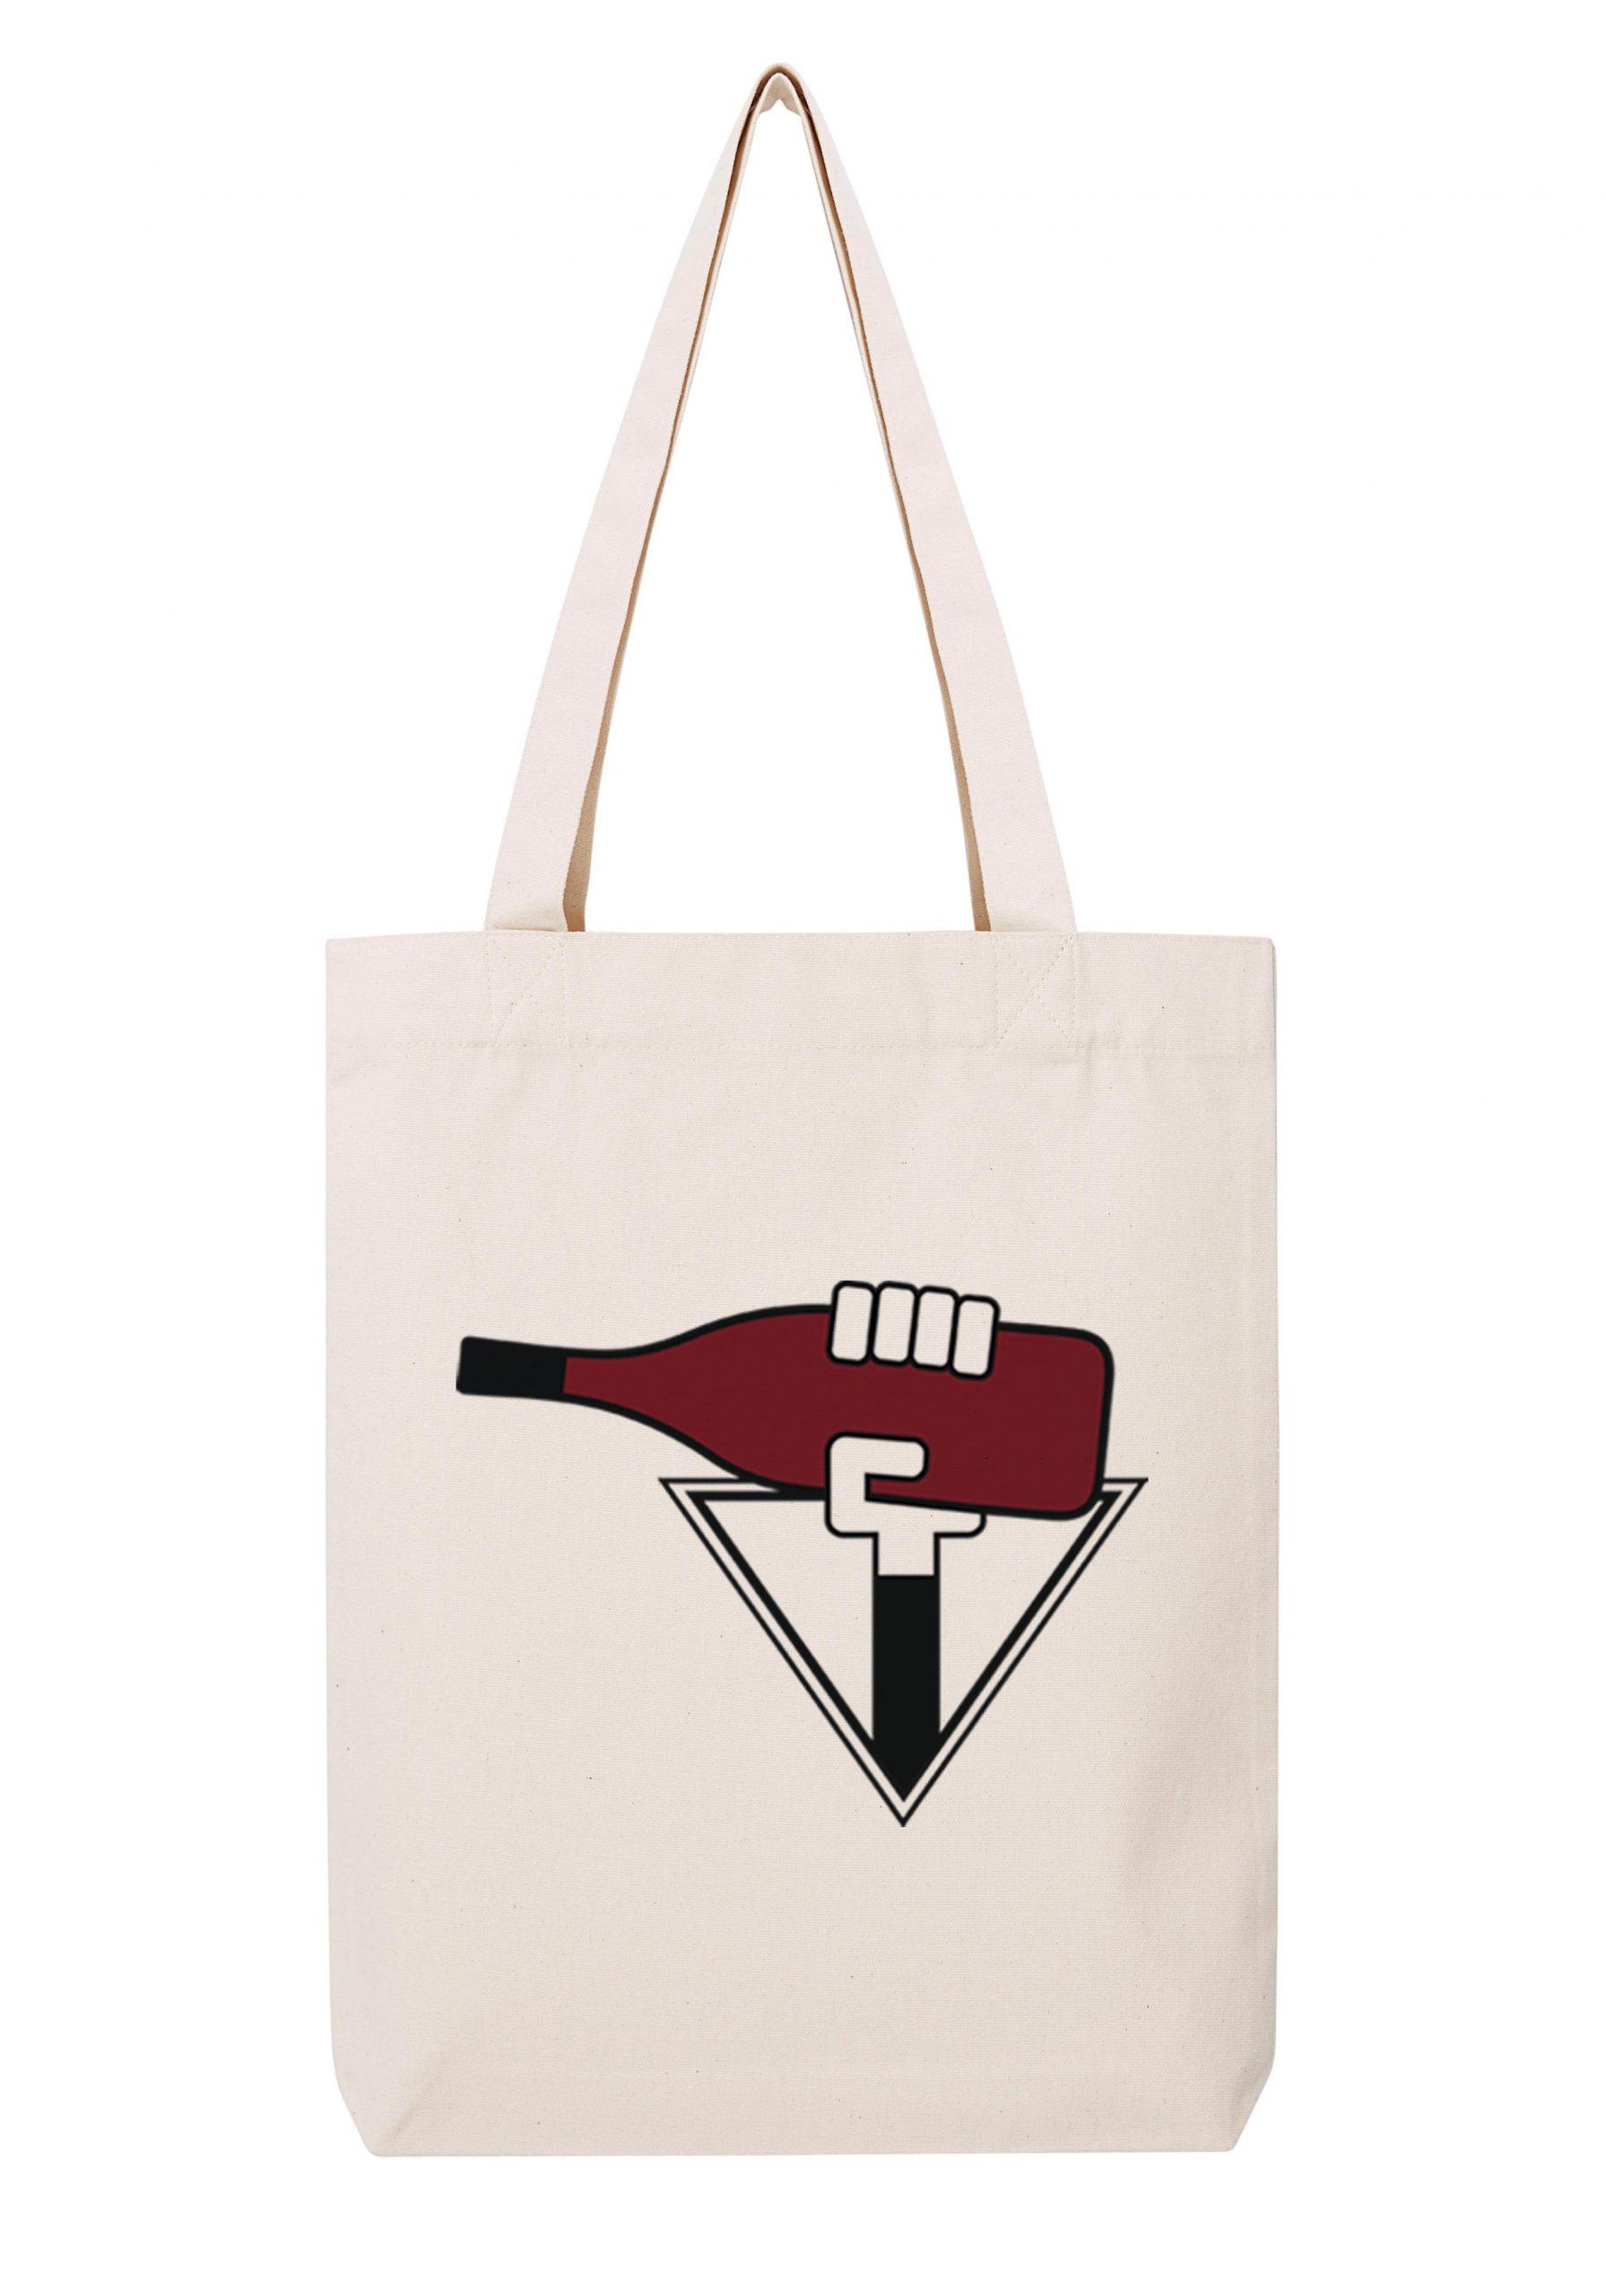 cote du rhone homme rouge sac coton tote bag bio bocavi du vin dans ta penderie bouteilles viticole vigneron wine